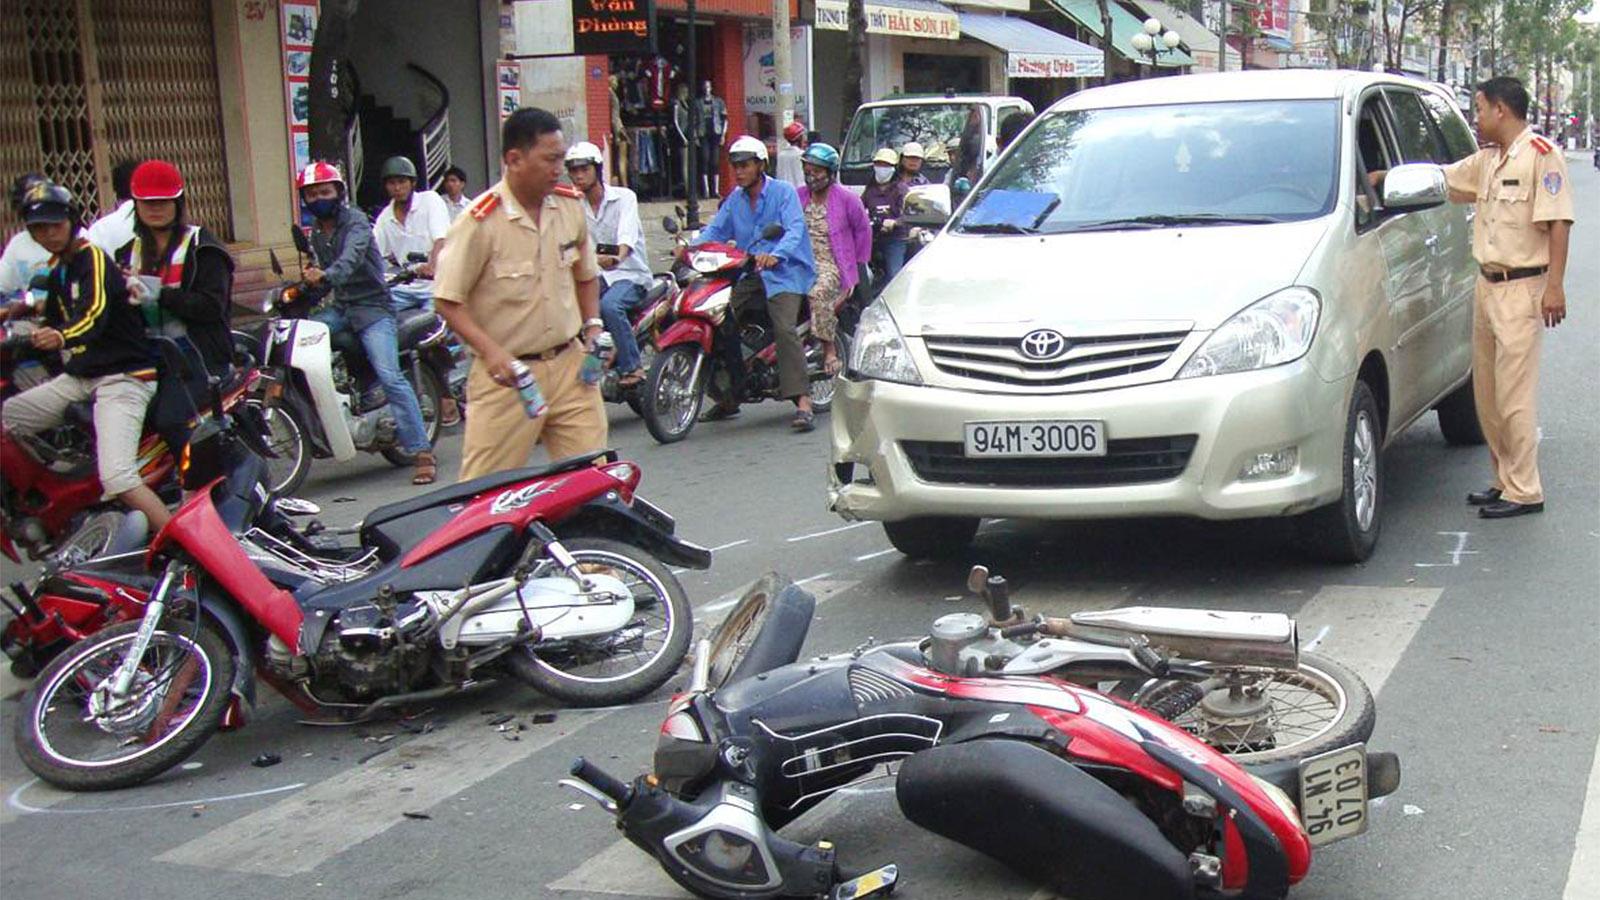 Khi xảy ra tai nạn công ty bảo hiểm phải bồi thường cho chủ xe hoặc người bị thiệt hại